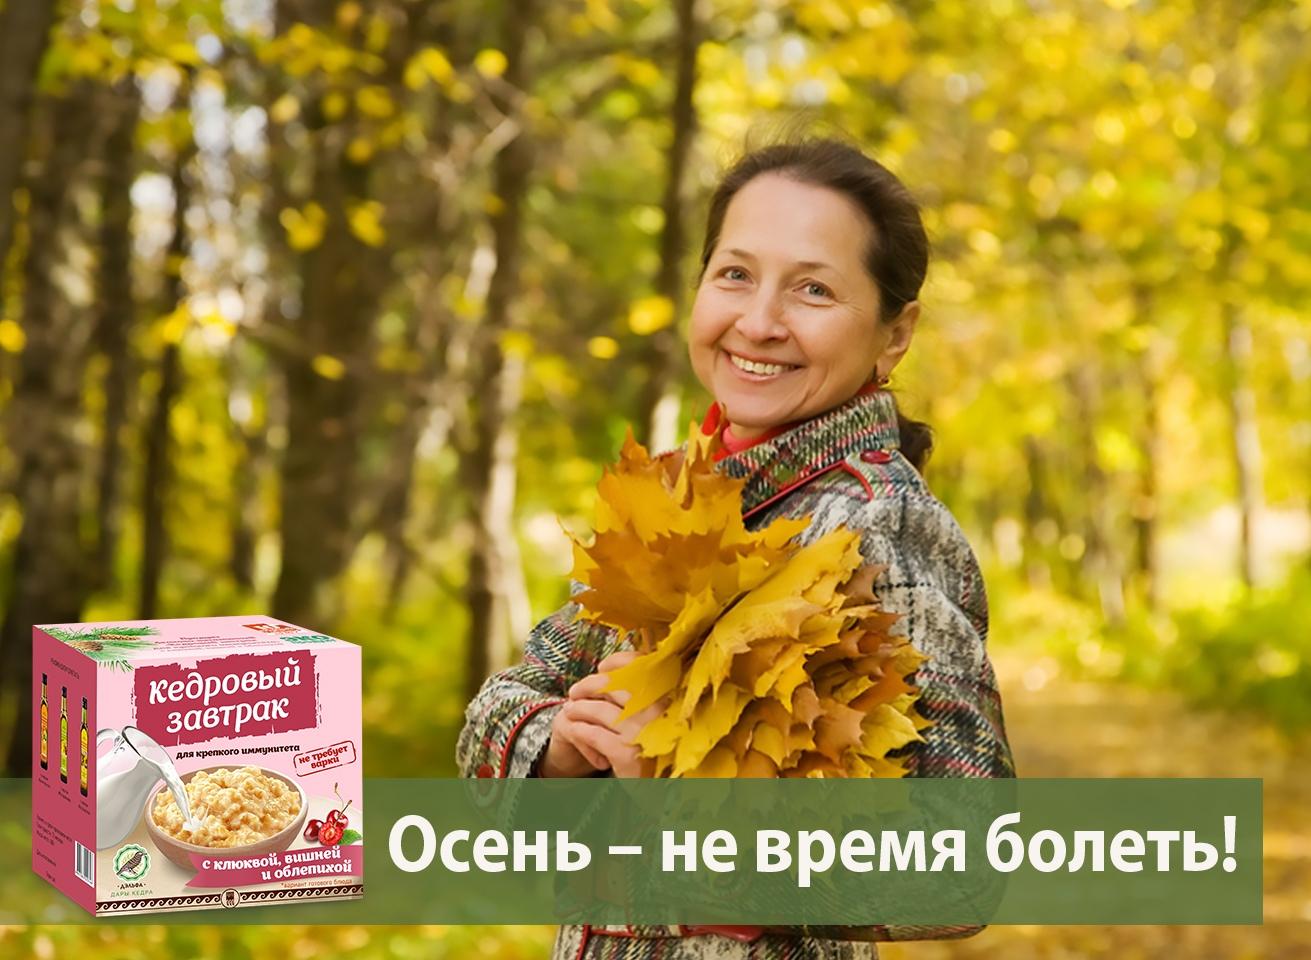 Осень - не время болеть!